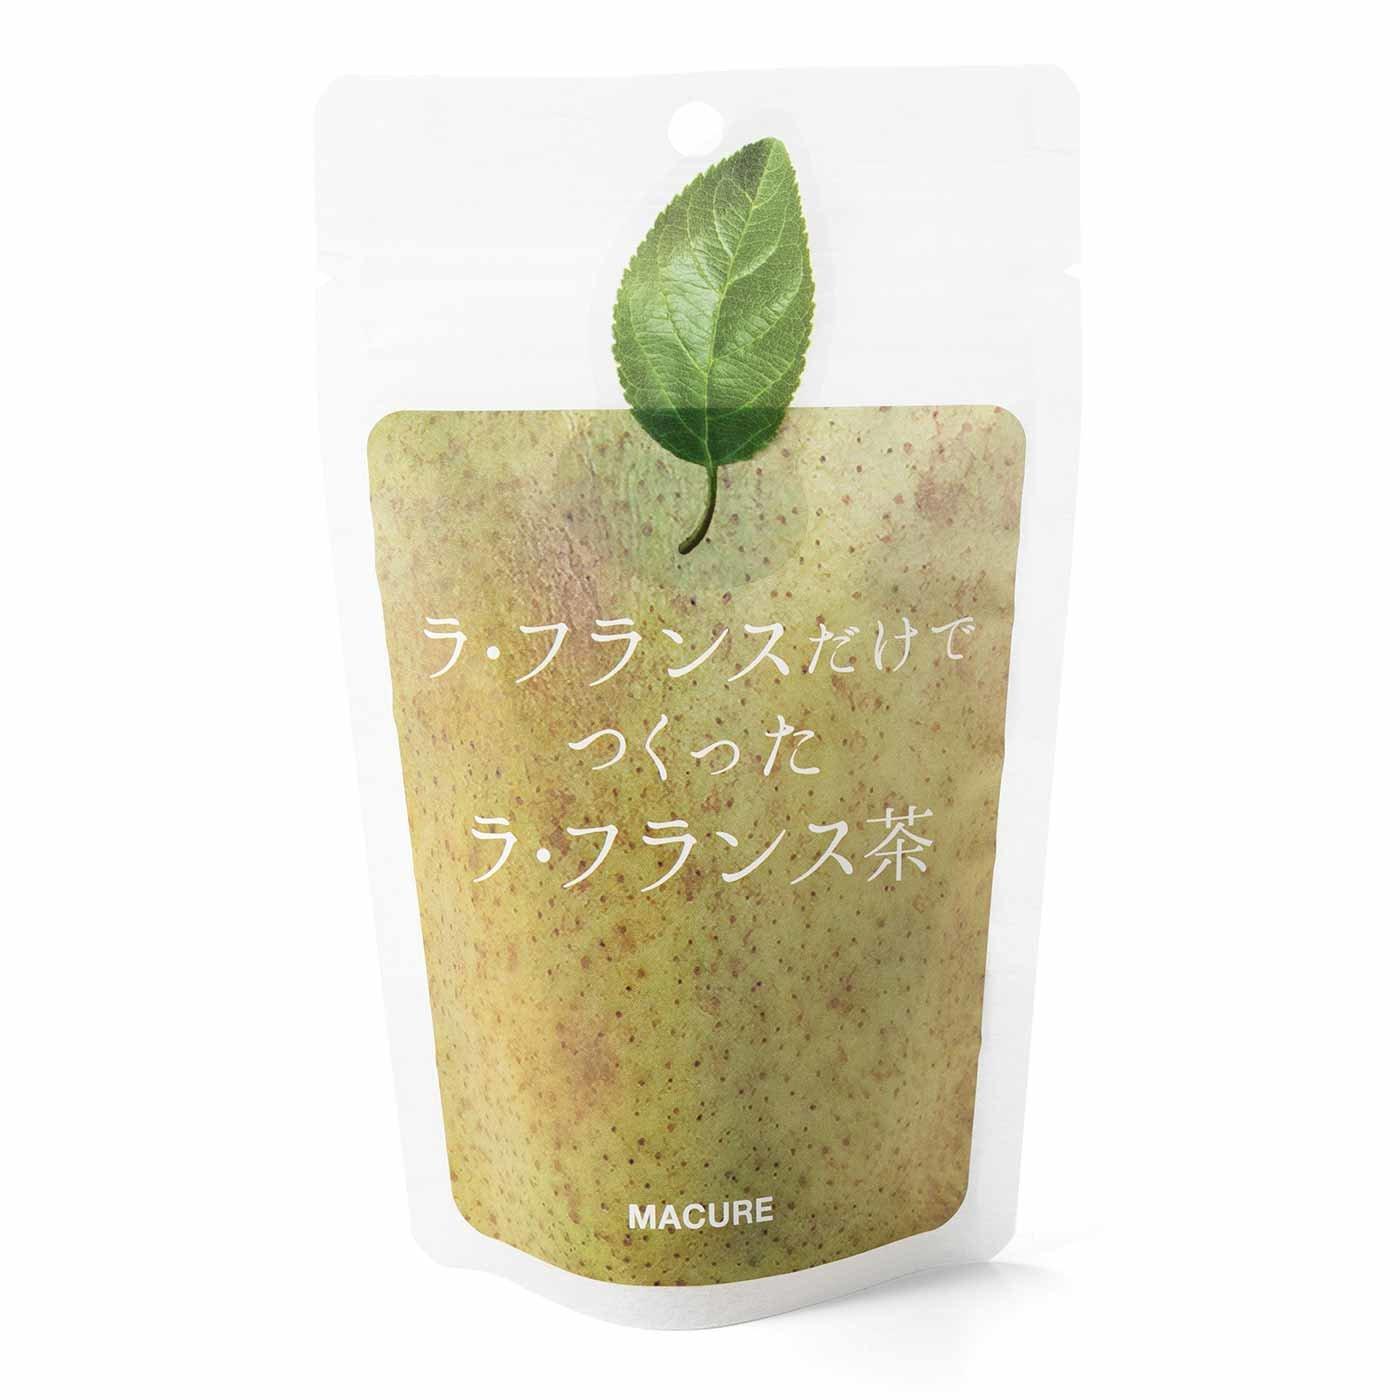 新感覚まるごと果実茶 山形ラ・フランス茶 3袋セットの会